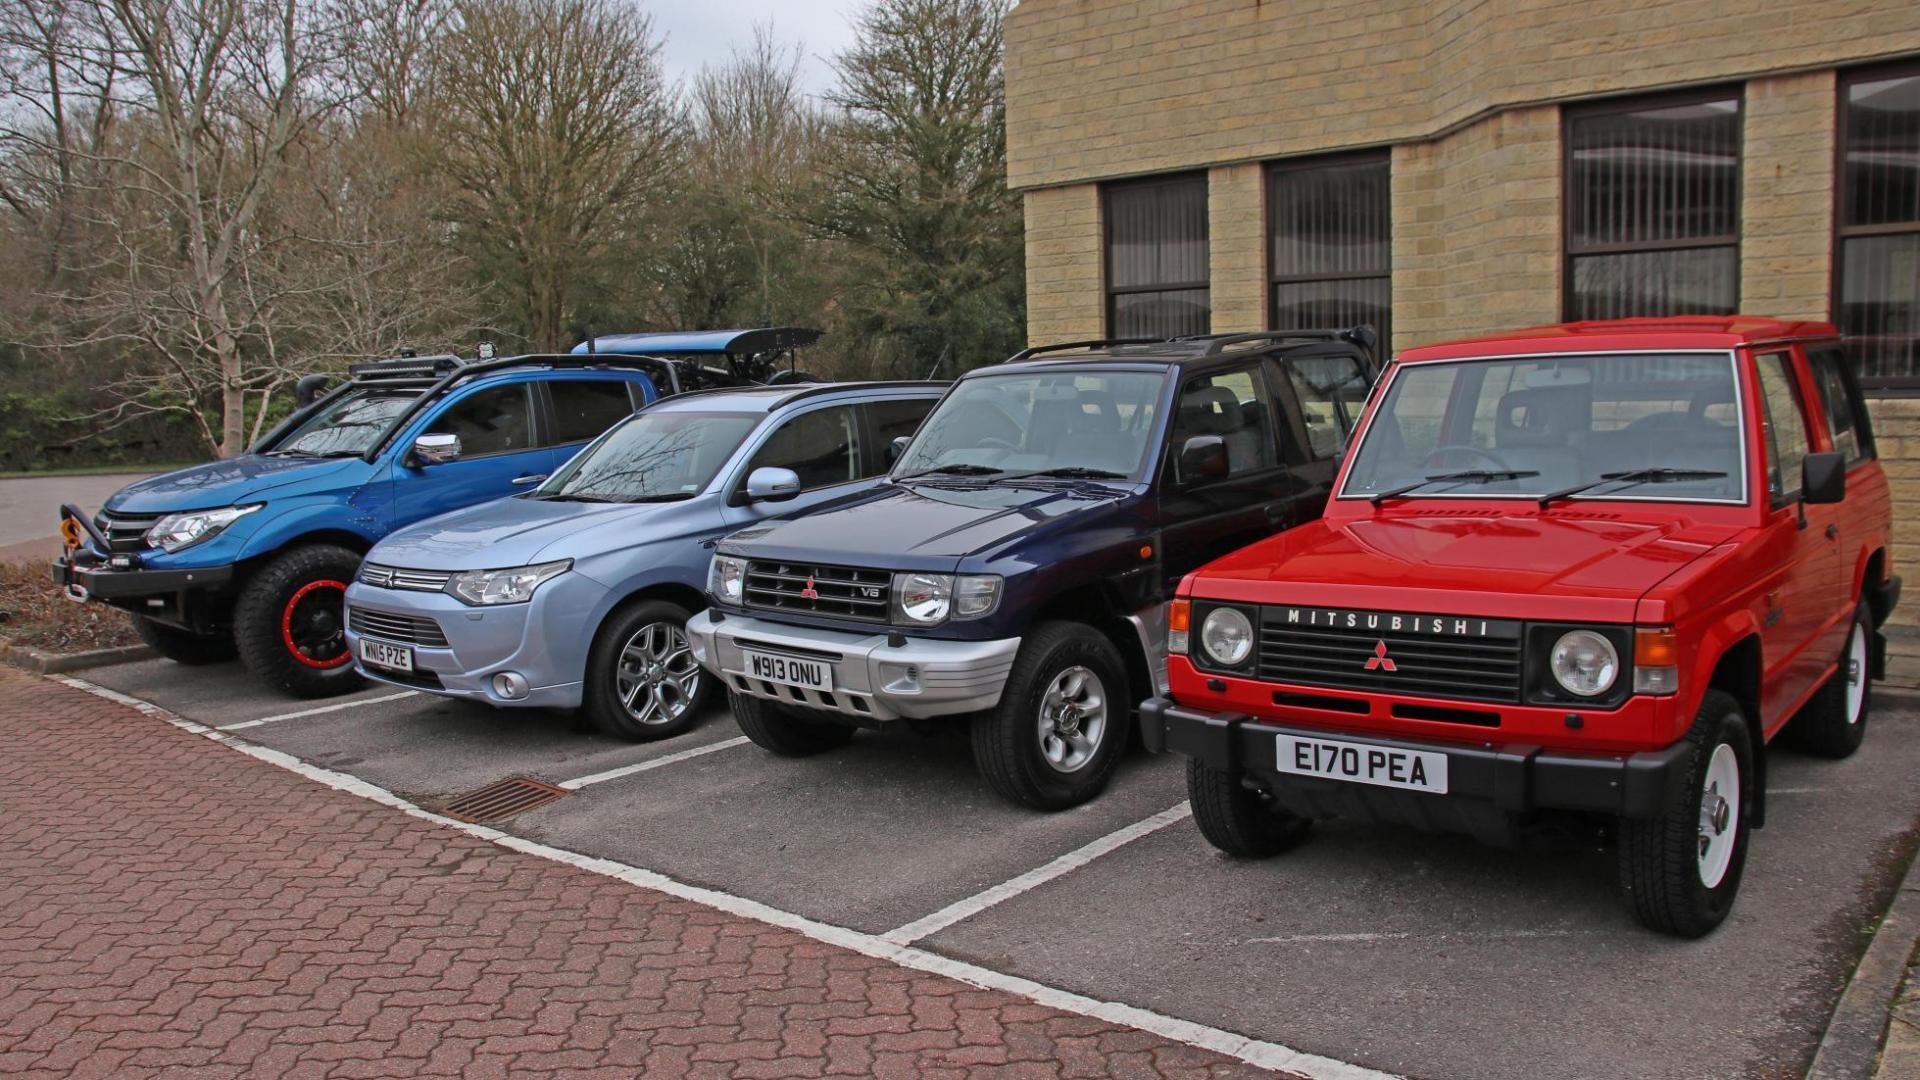 Mitsubishi-verzameling onder de hamer